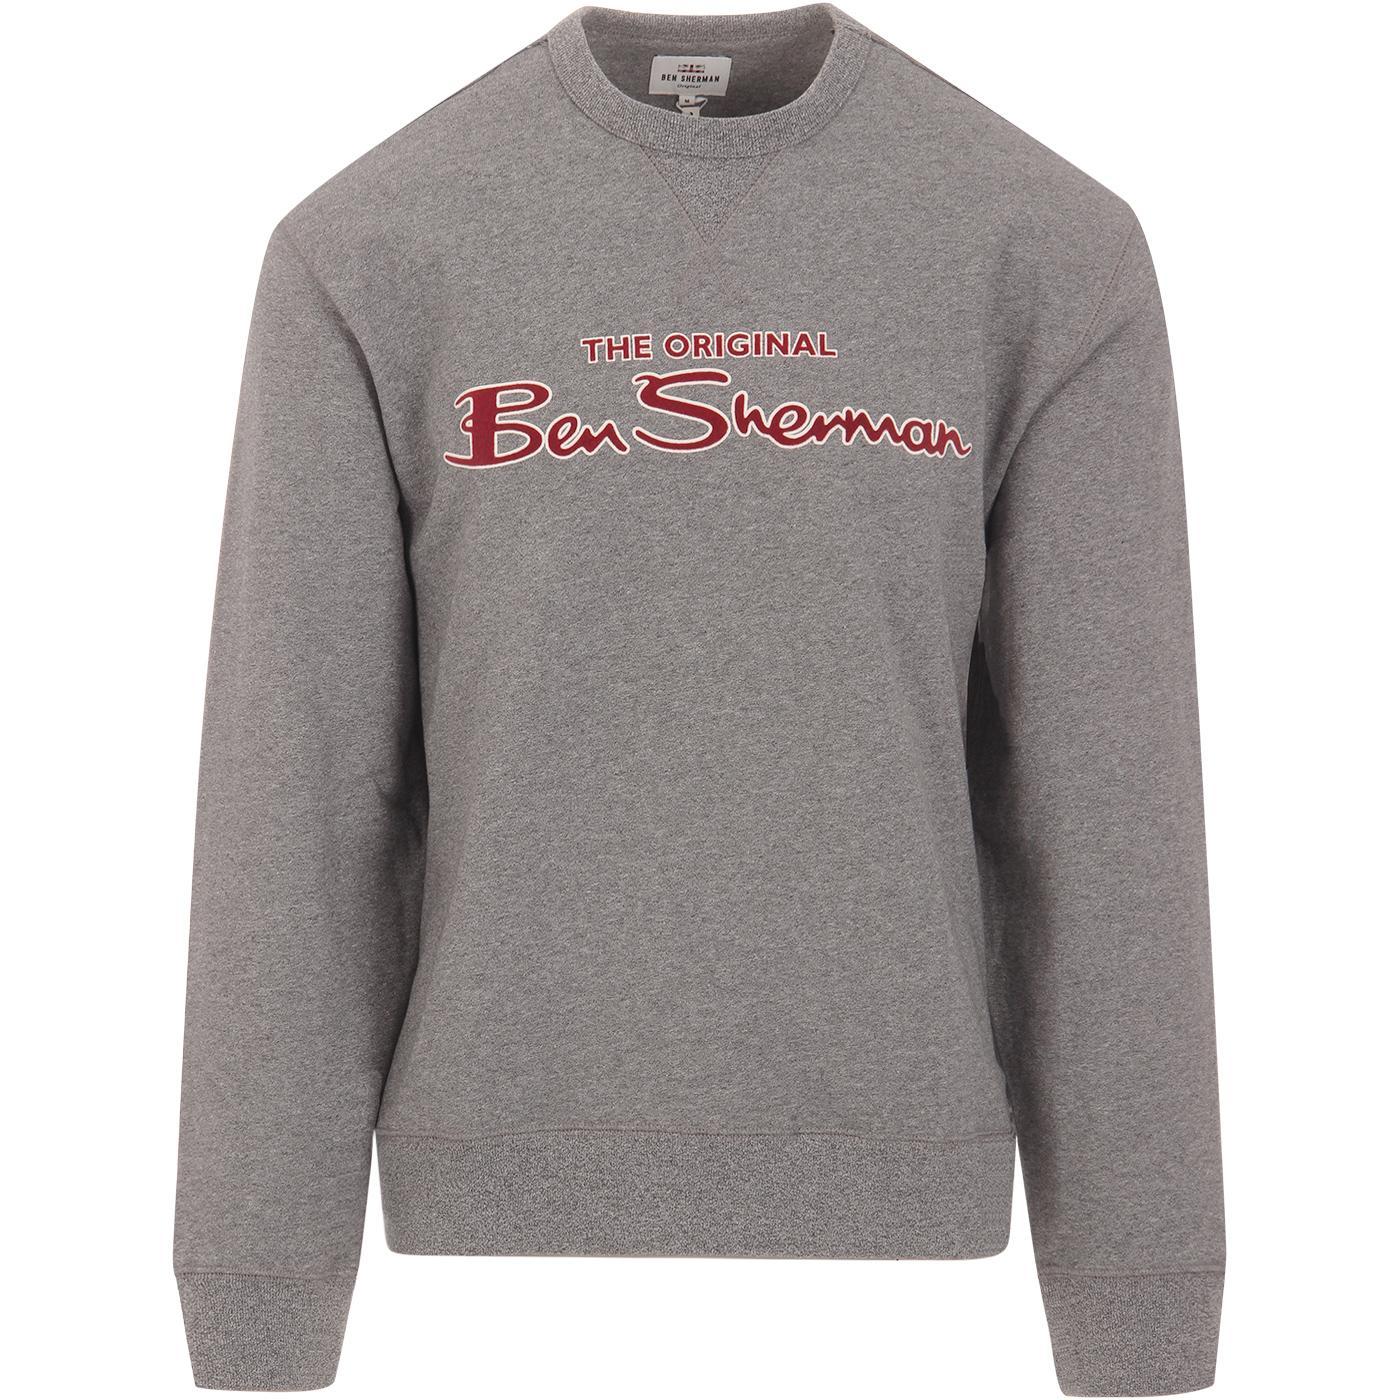 BEN SHERMAN Archive Flock Print Retro Sweatshirt A